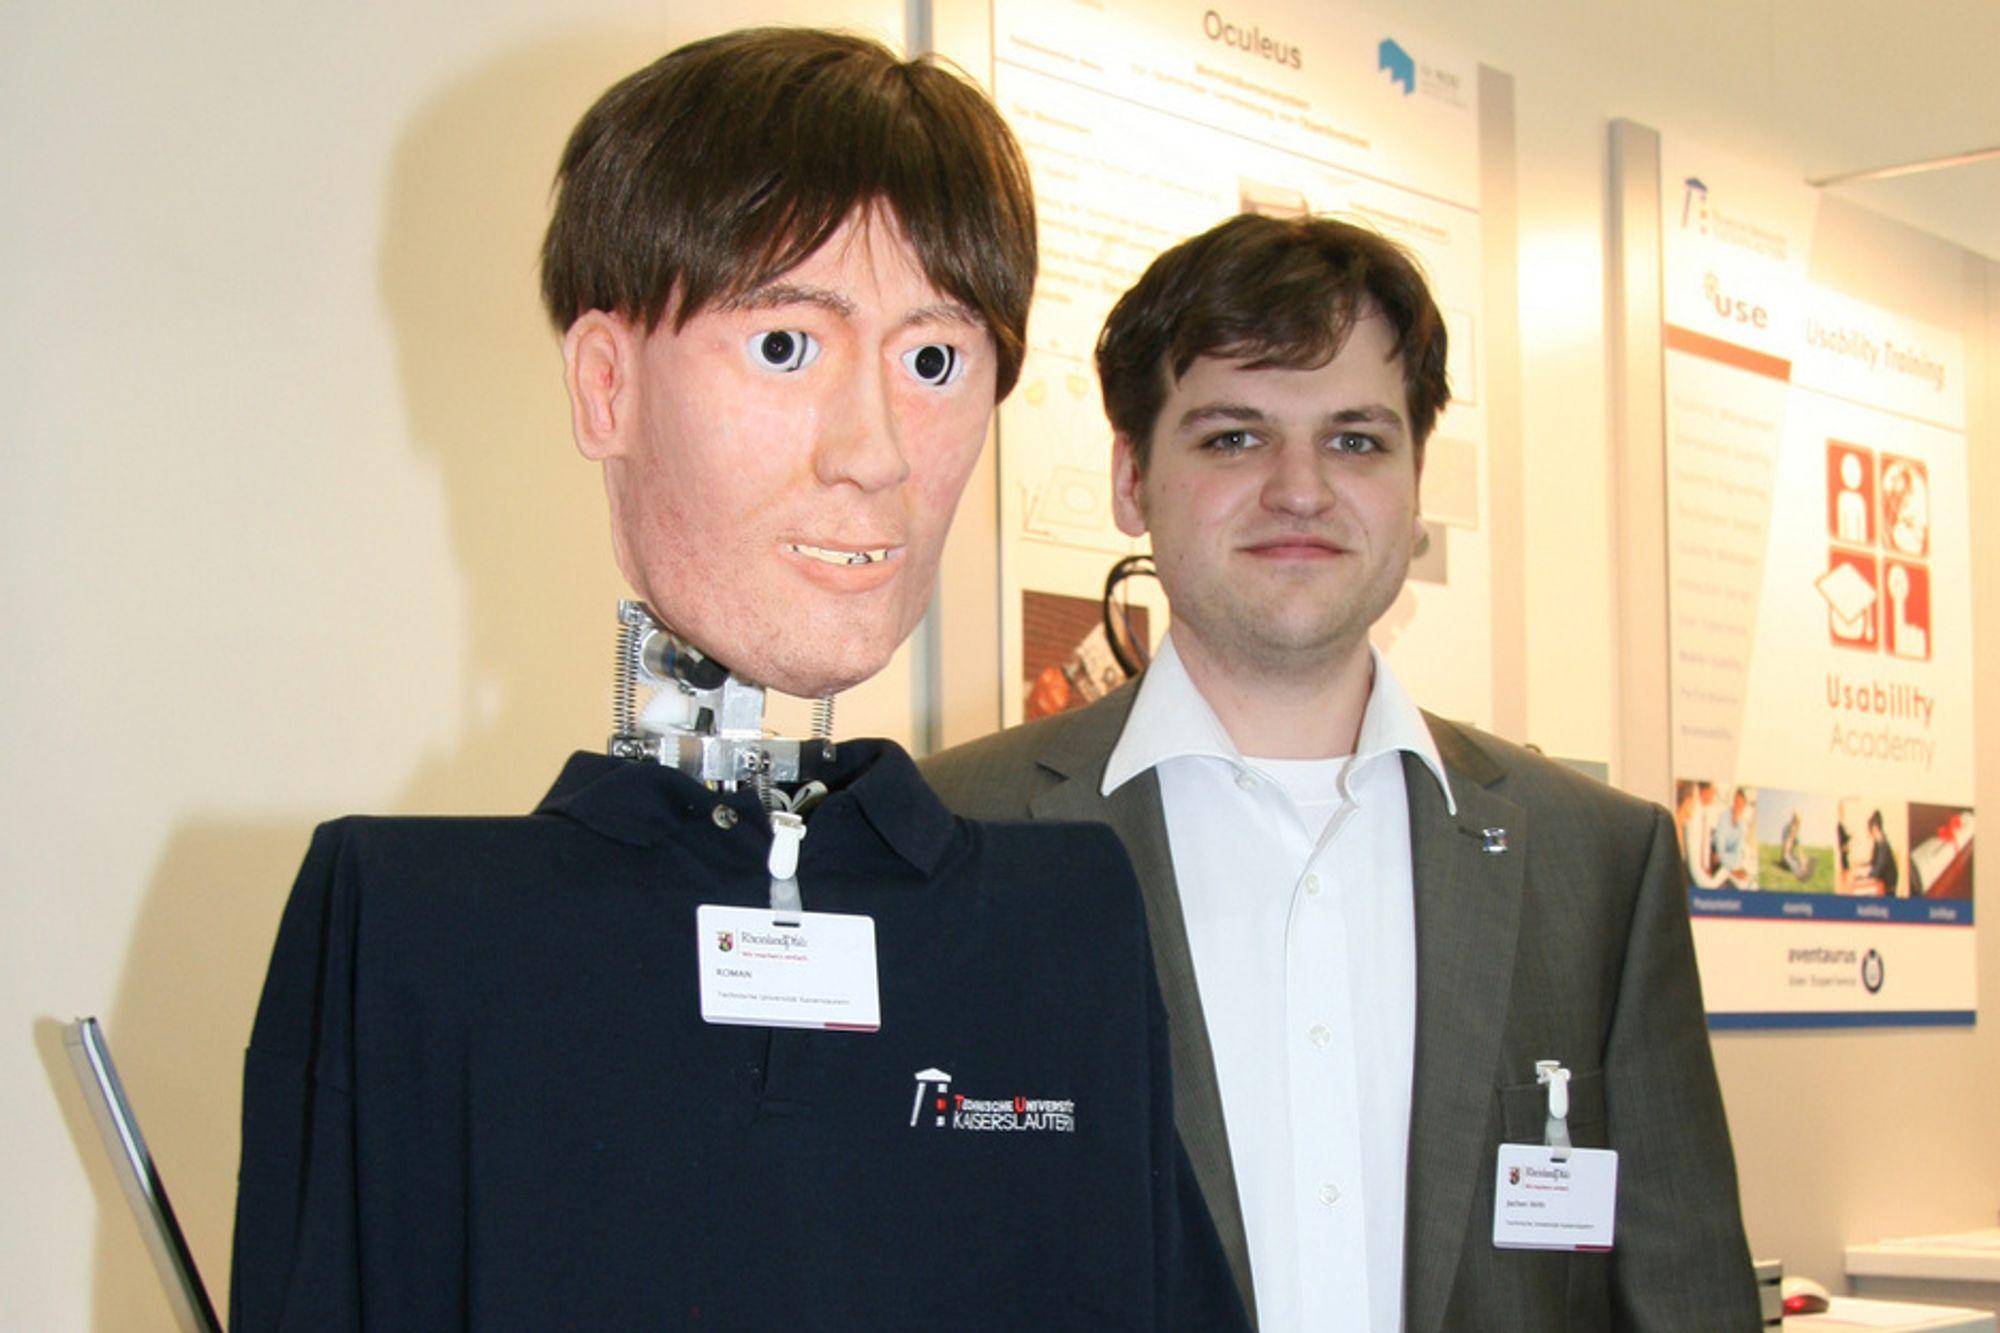 FØLELSESLADD: Roboten som diplominformatiker Jochen Hirth jobber med skjønner om du er fornøyd eller ikke. Den vet når den må trå varsomt, eller om du er klar for en klem.